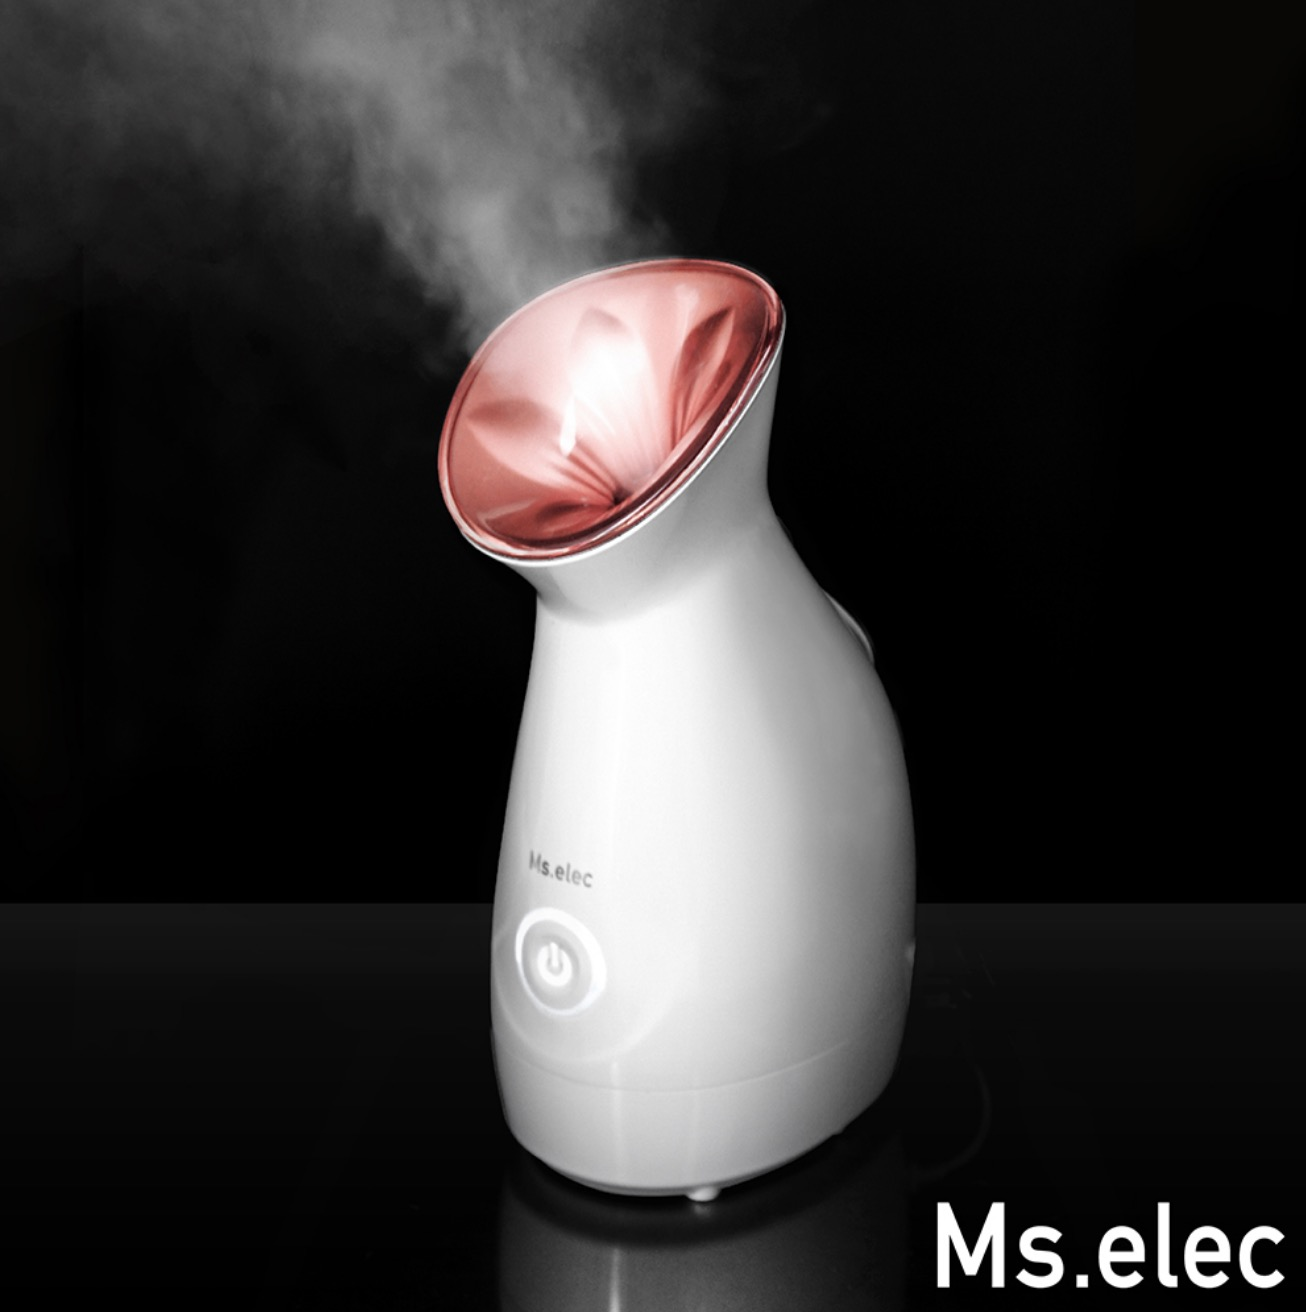 利用冷霧氣有效縮小毛孔,使肌膚更加緊緻